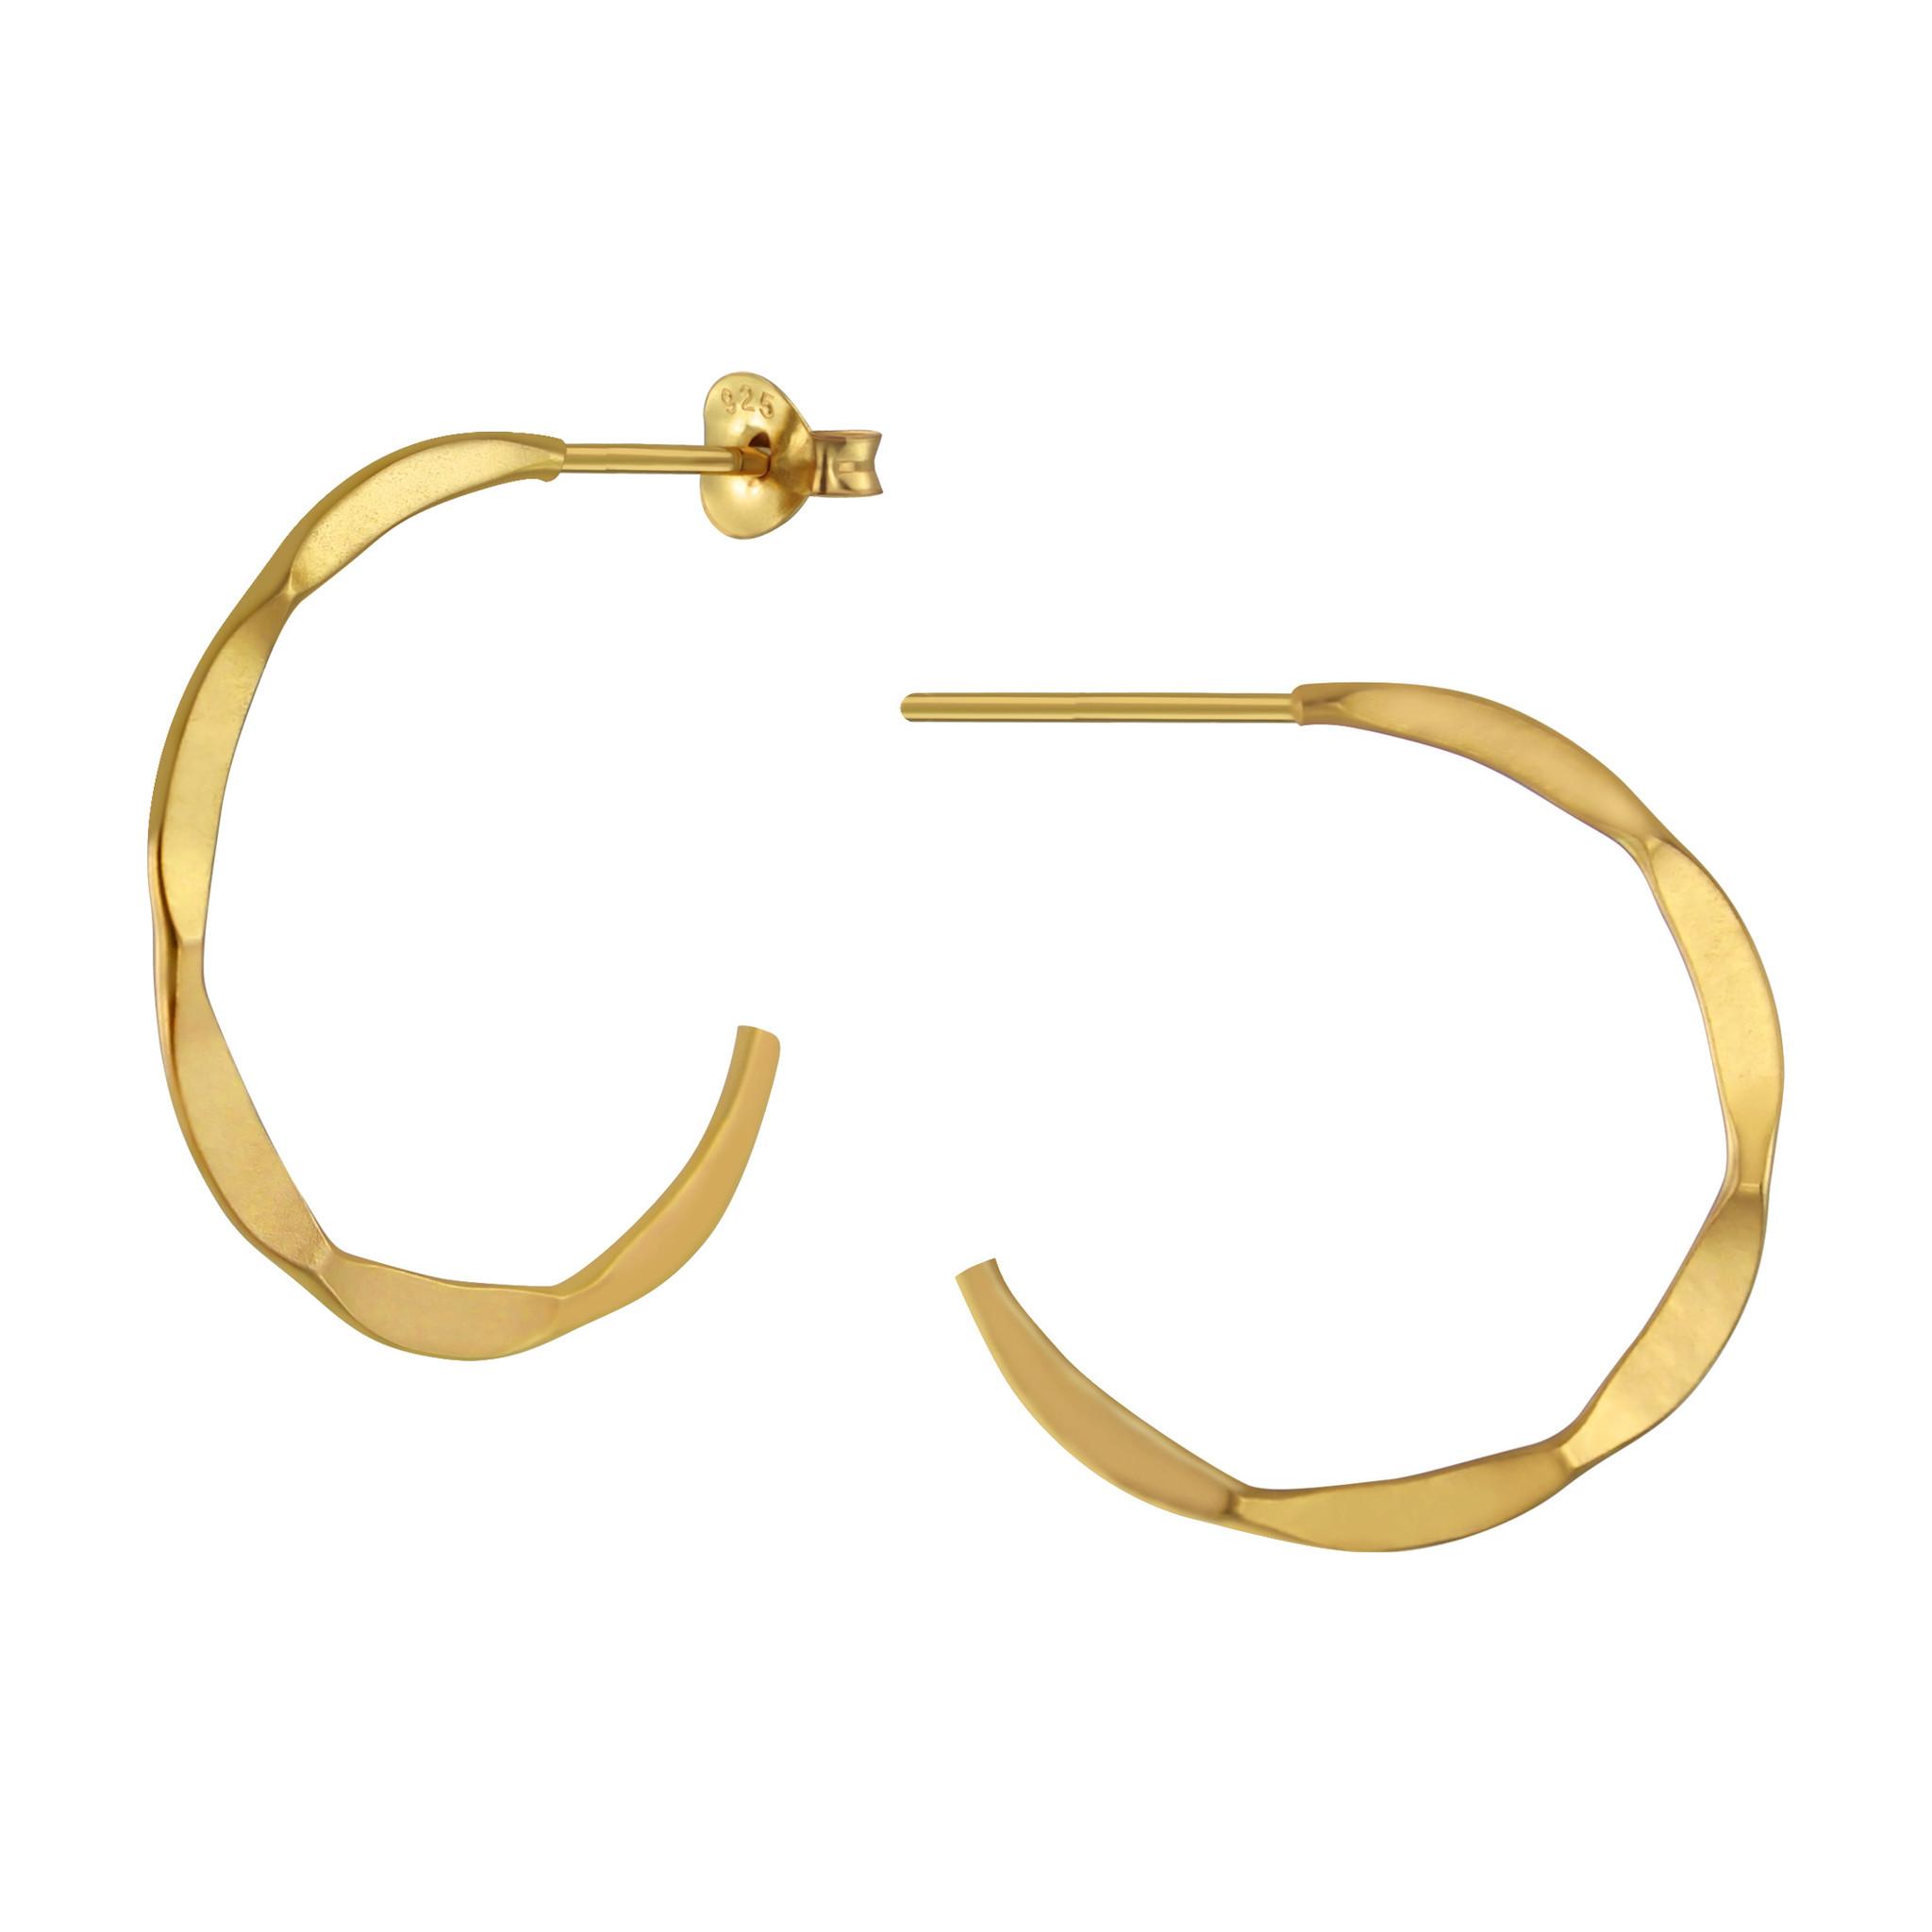 Große Creolen Ohrringe mit Struktur - 925er Sterling Silber - Gold-1